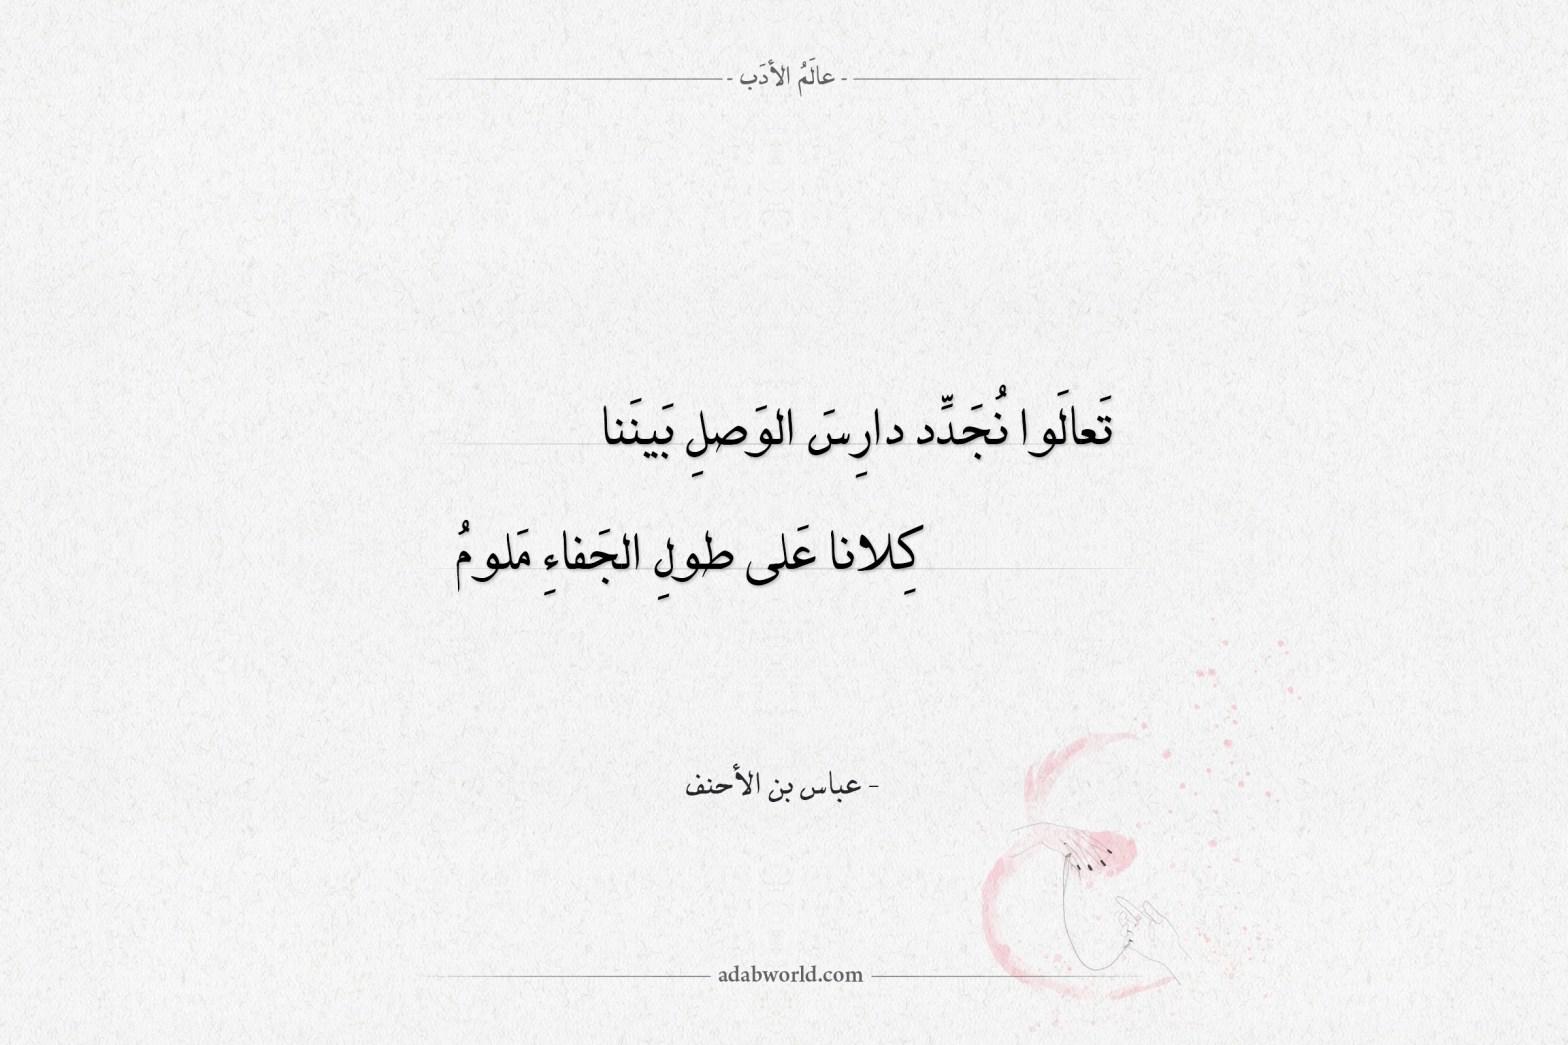 شعر عباس بن الأحنف أناسية ماكان بيني وبينها